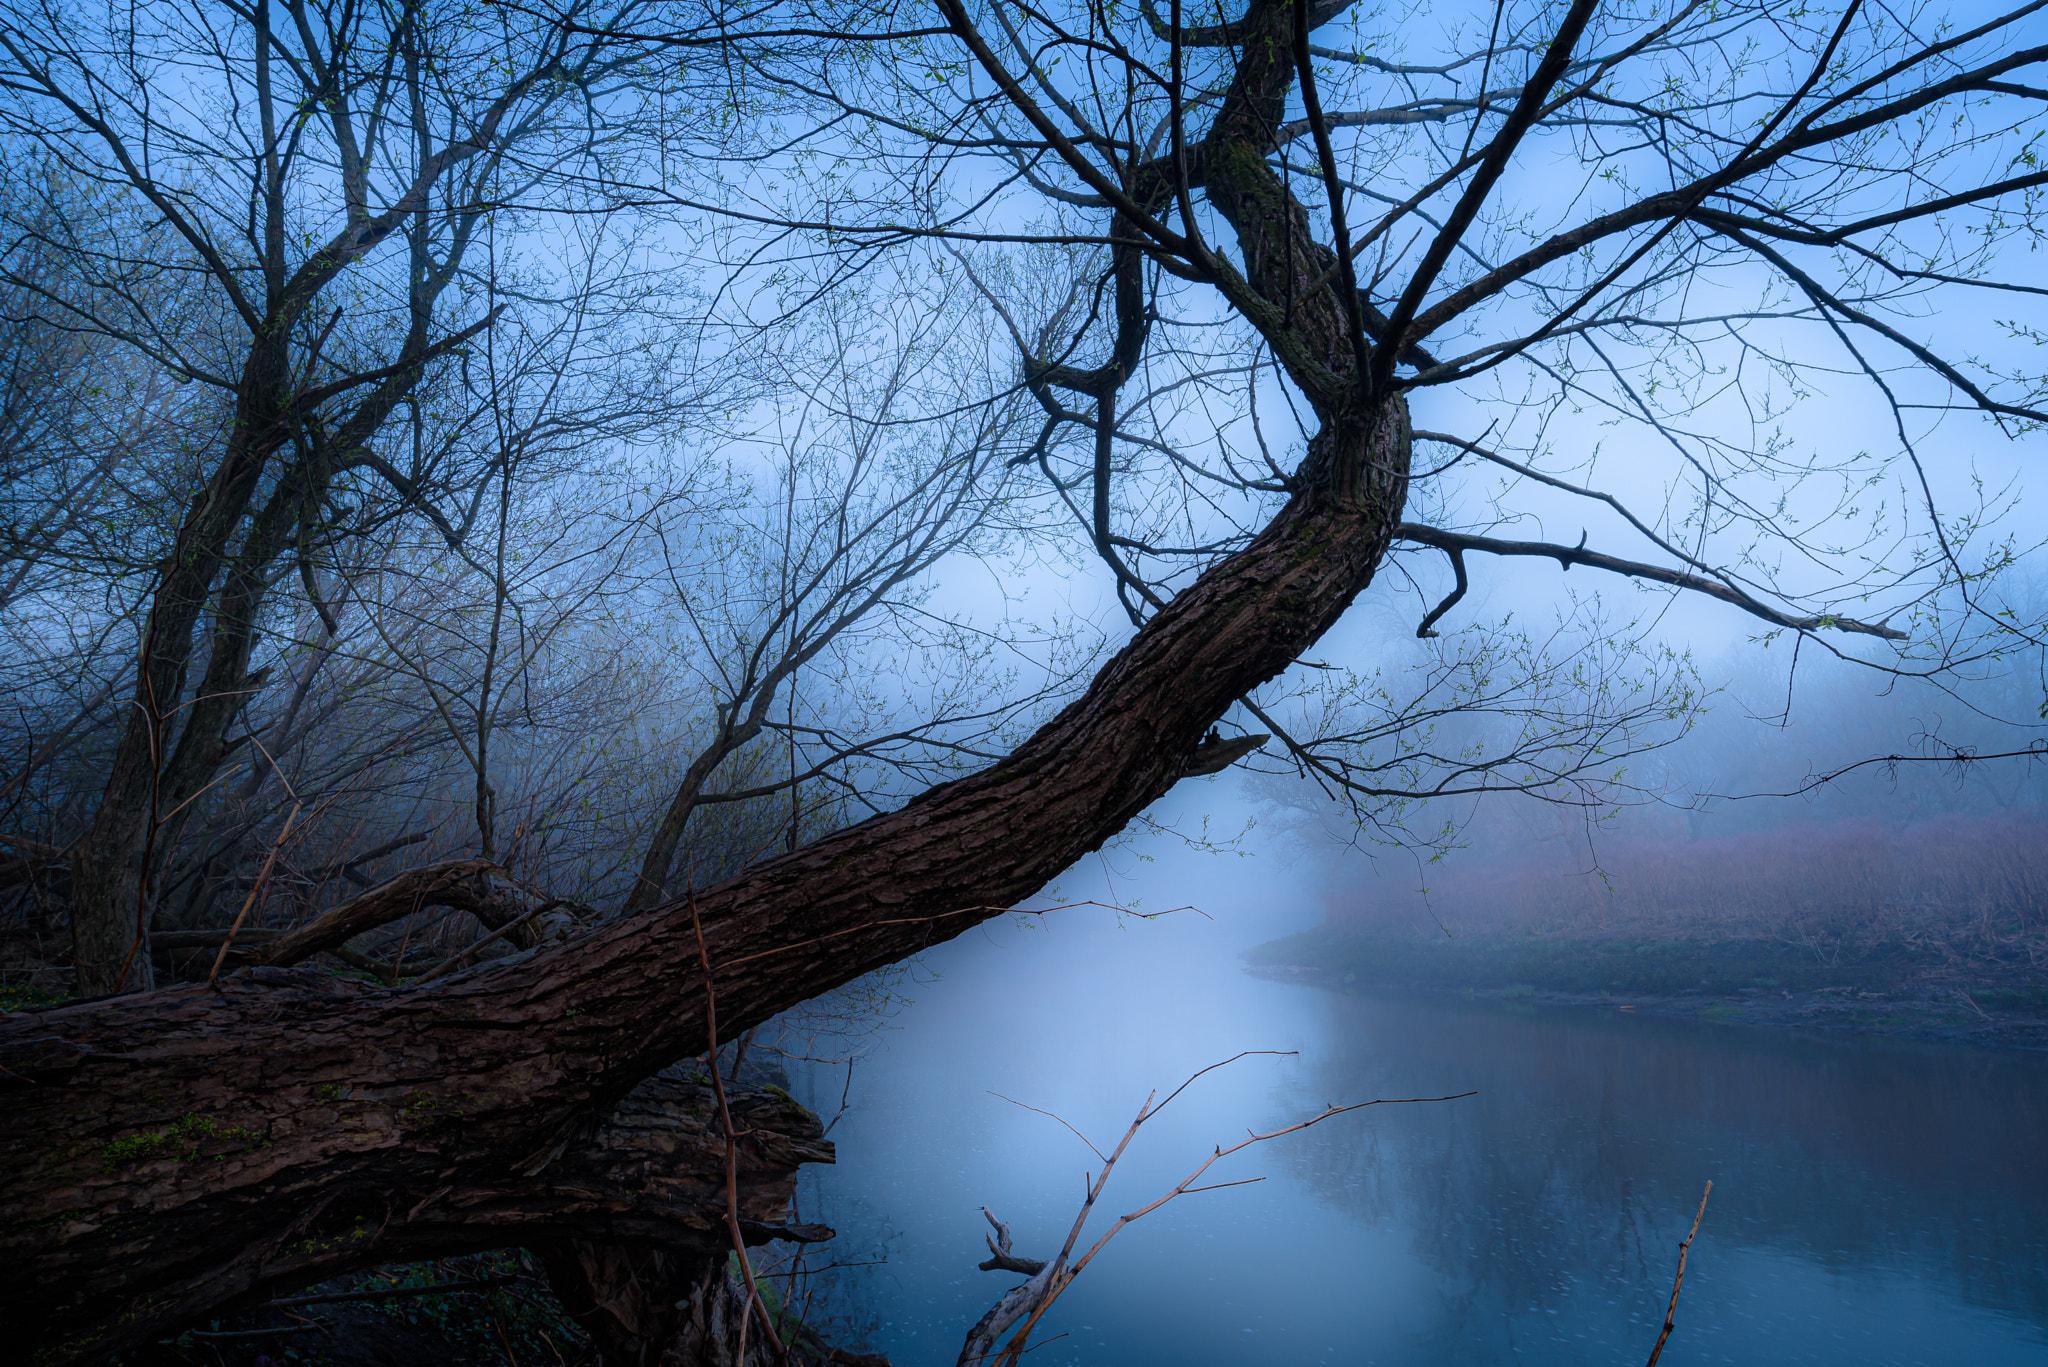 Haunting Morning Fog